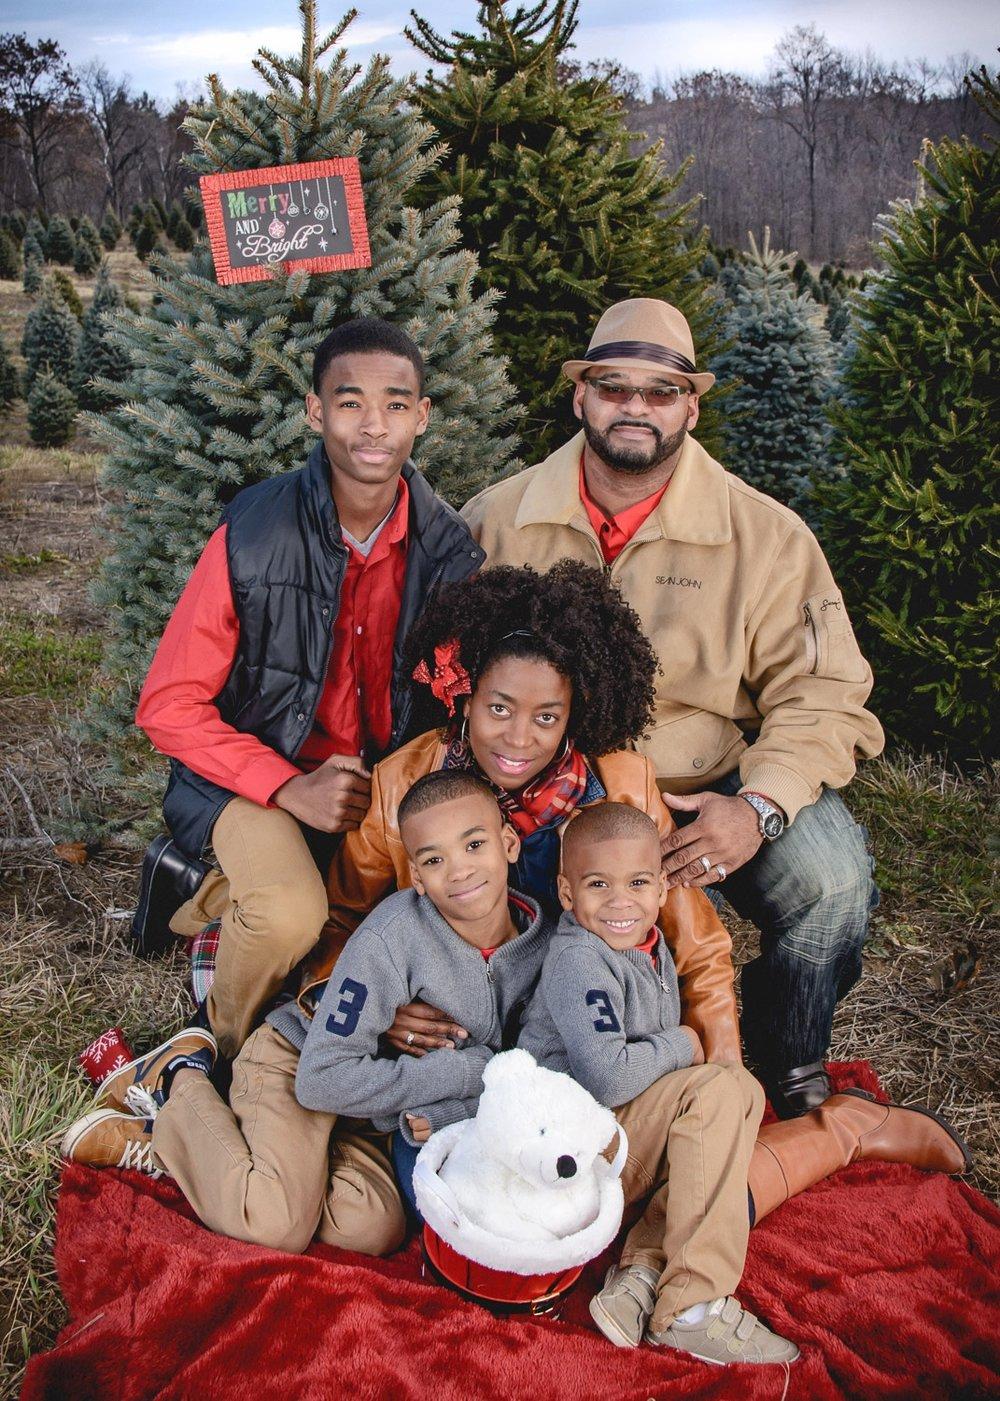 Family-Childs Christmas (1).jpg